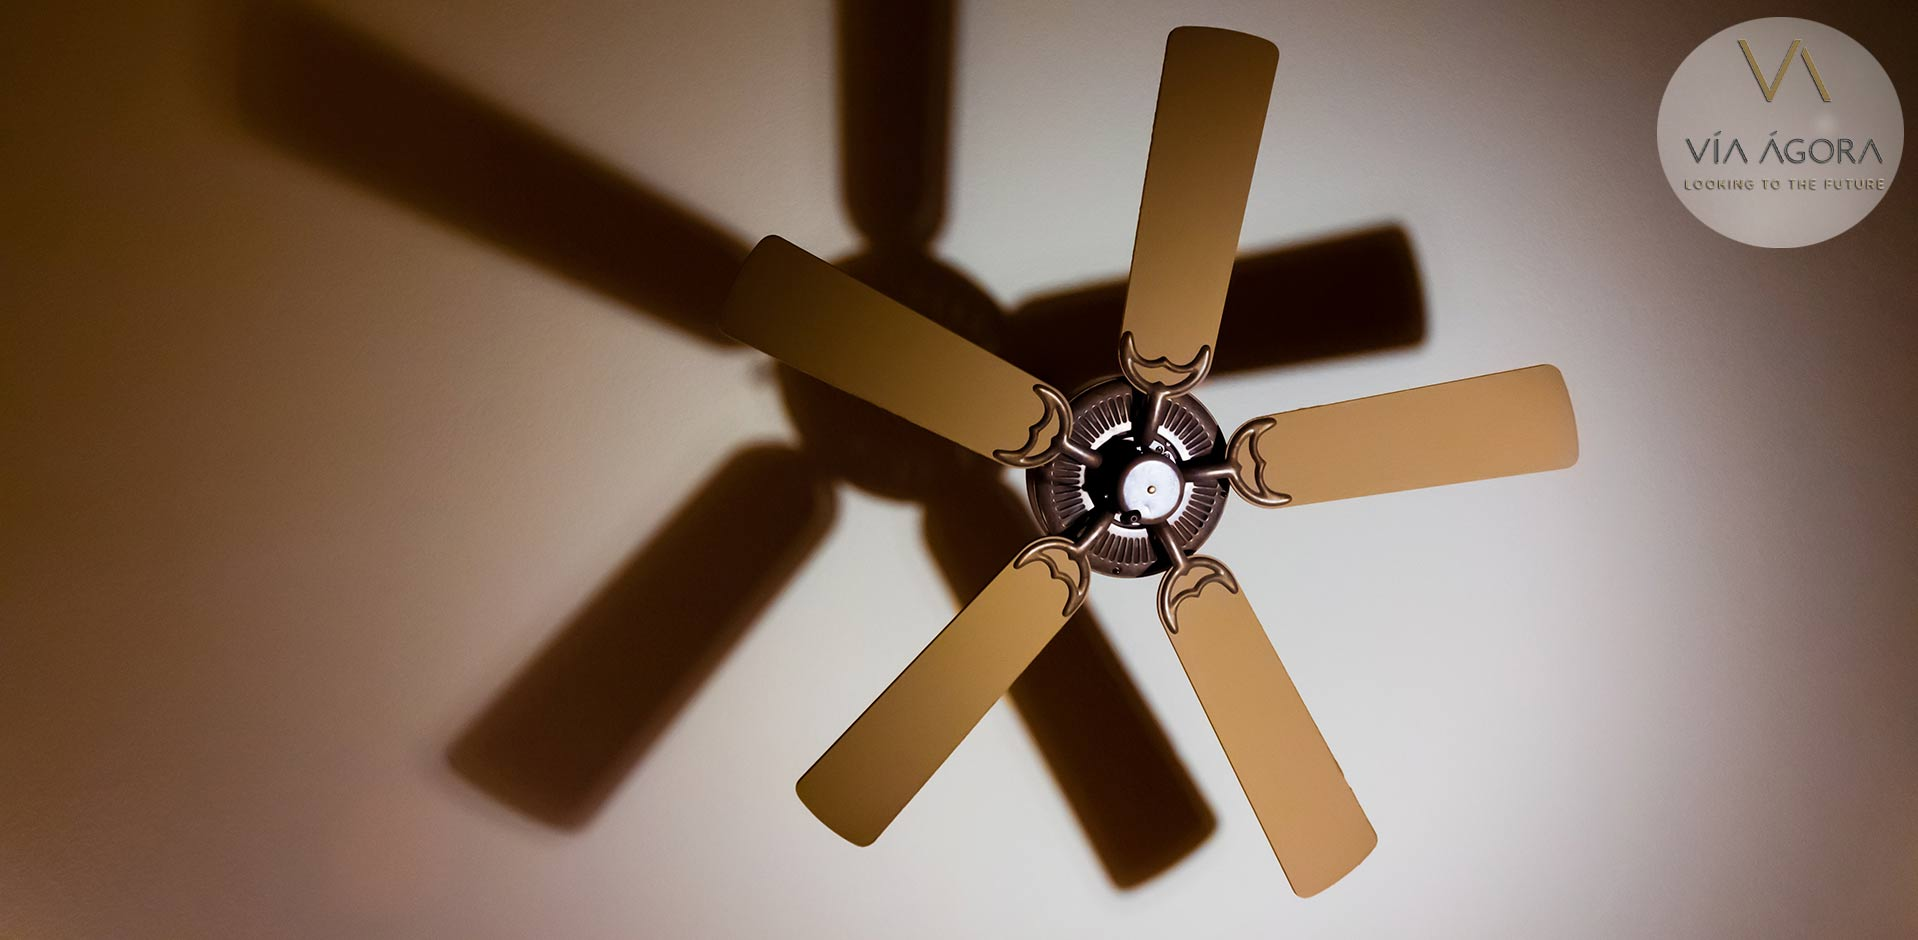 ventilador-vivienda-combatir-calor